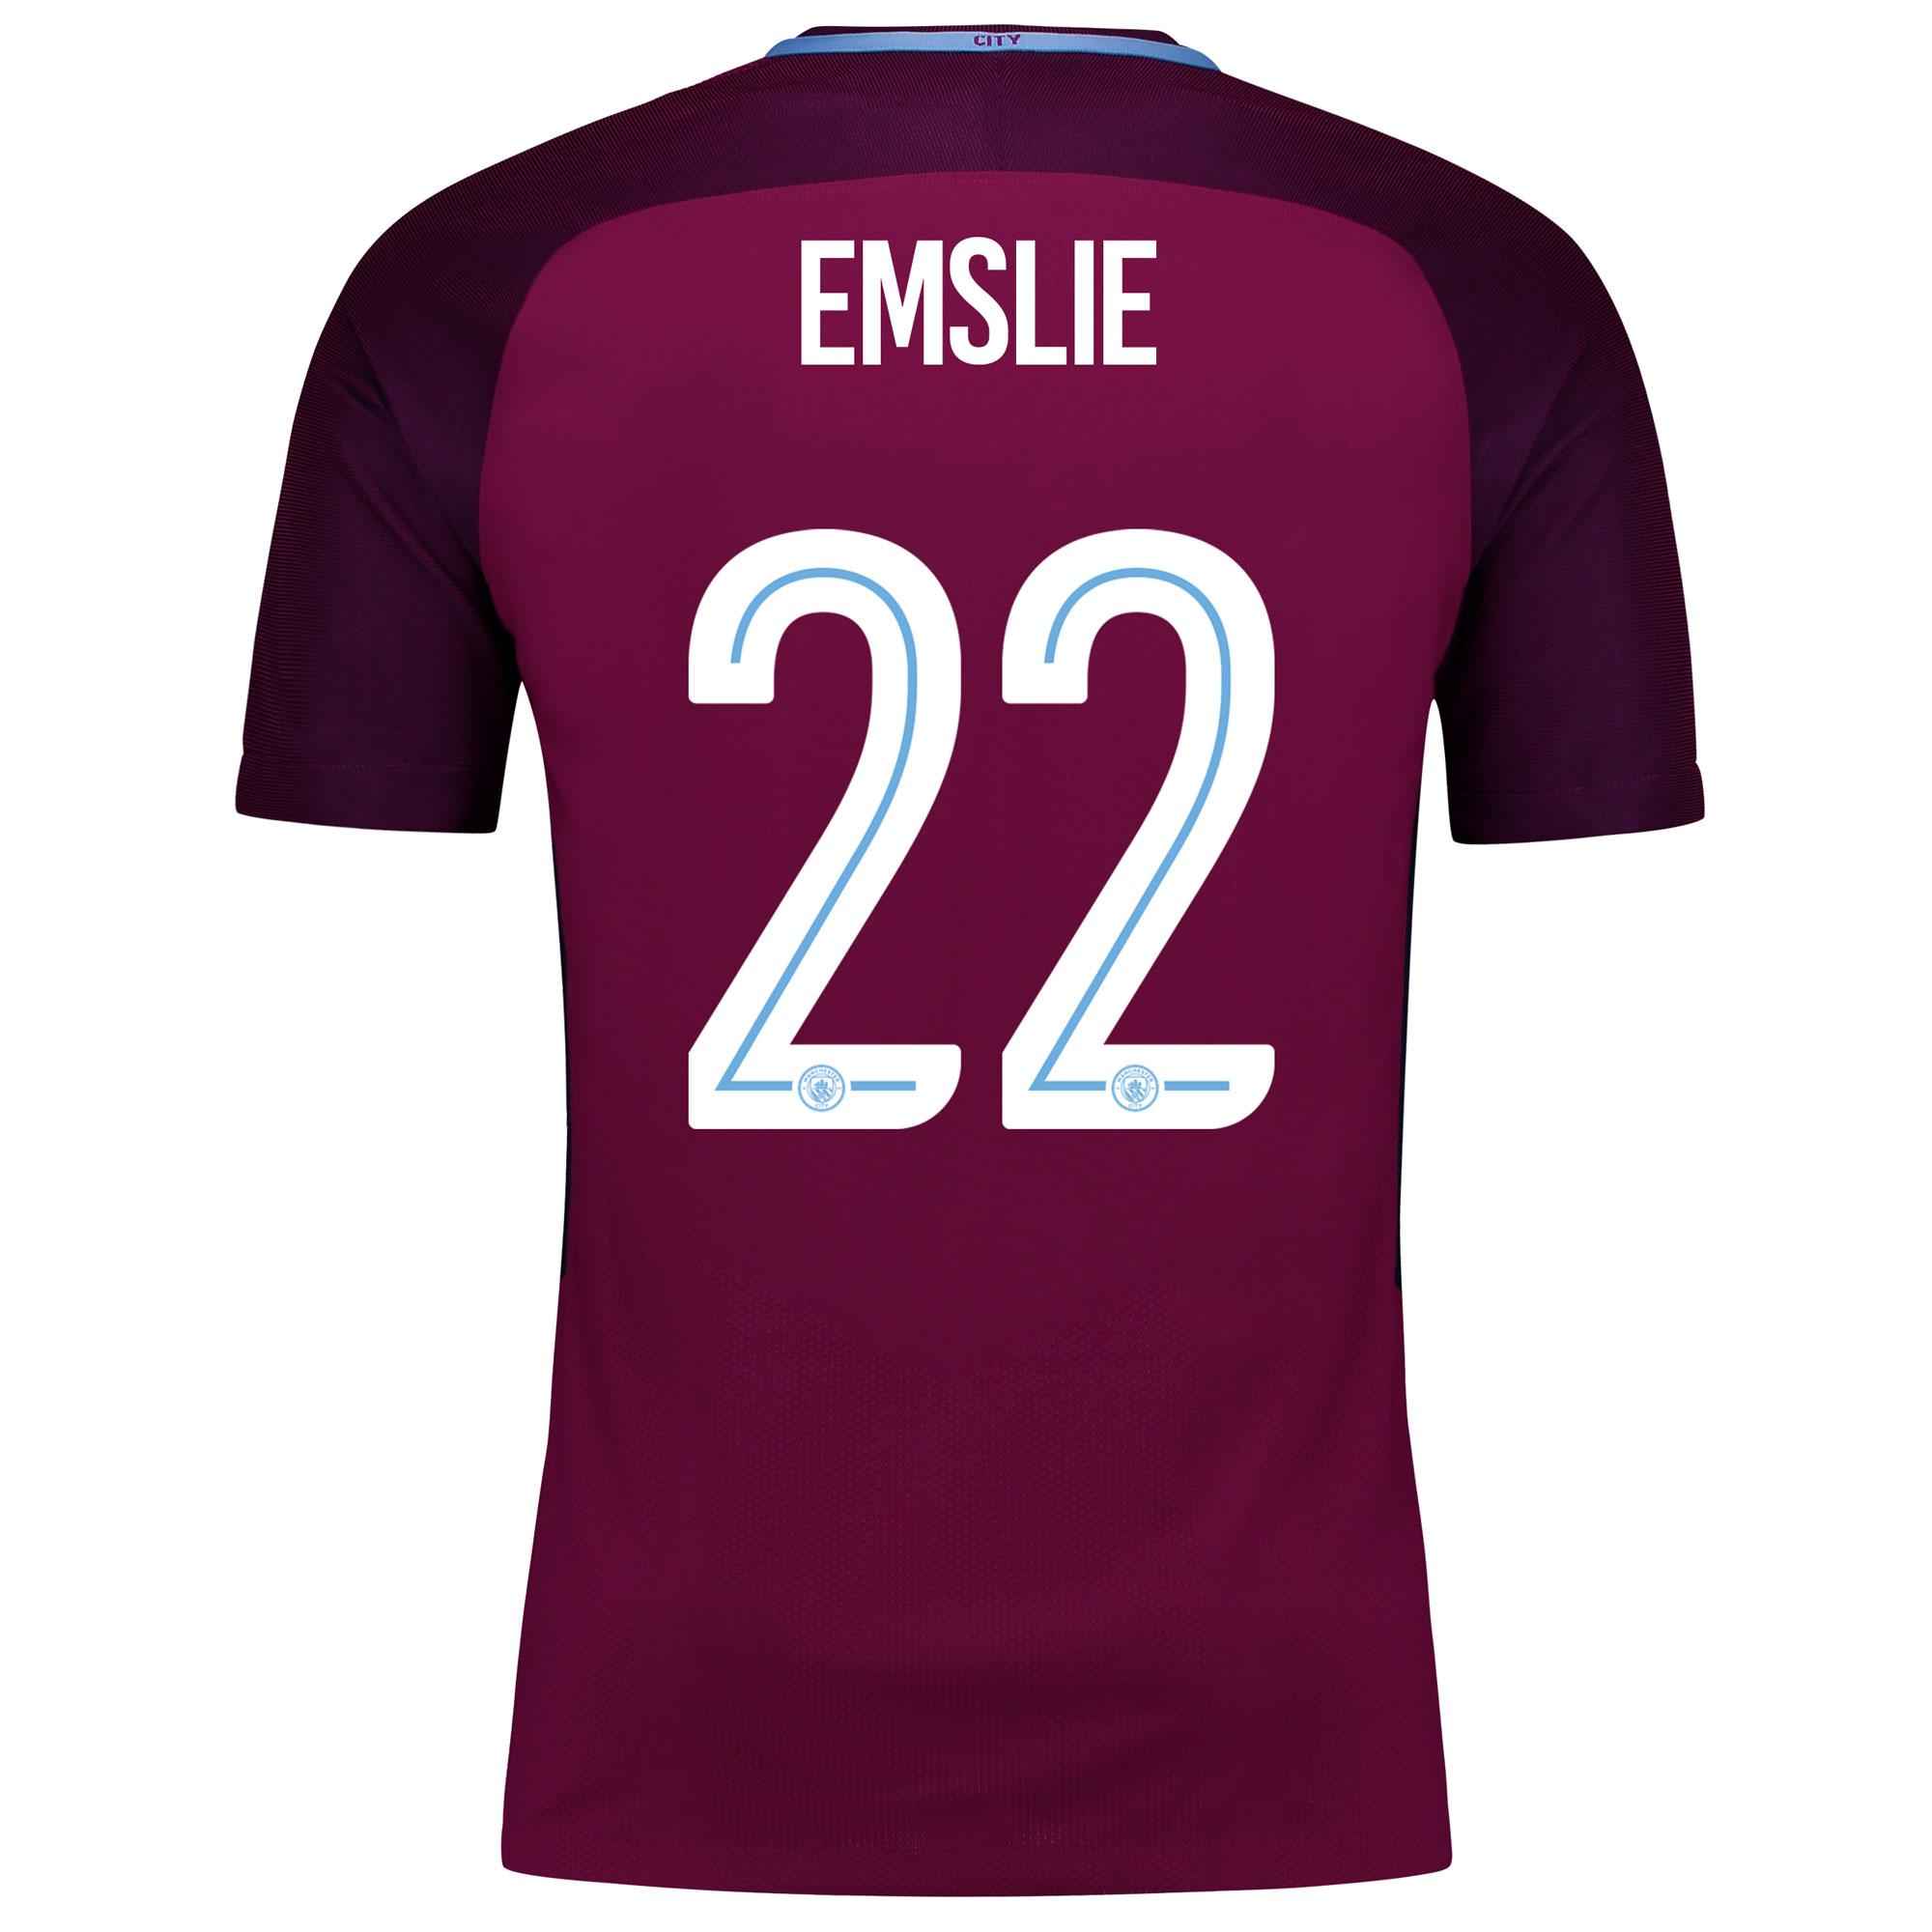 Manchester City Away Vapor Match Cup Shirt 2017-18 with Emslie 22 prin